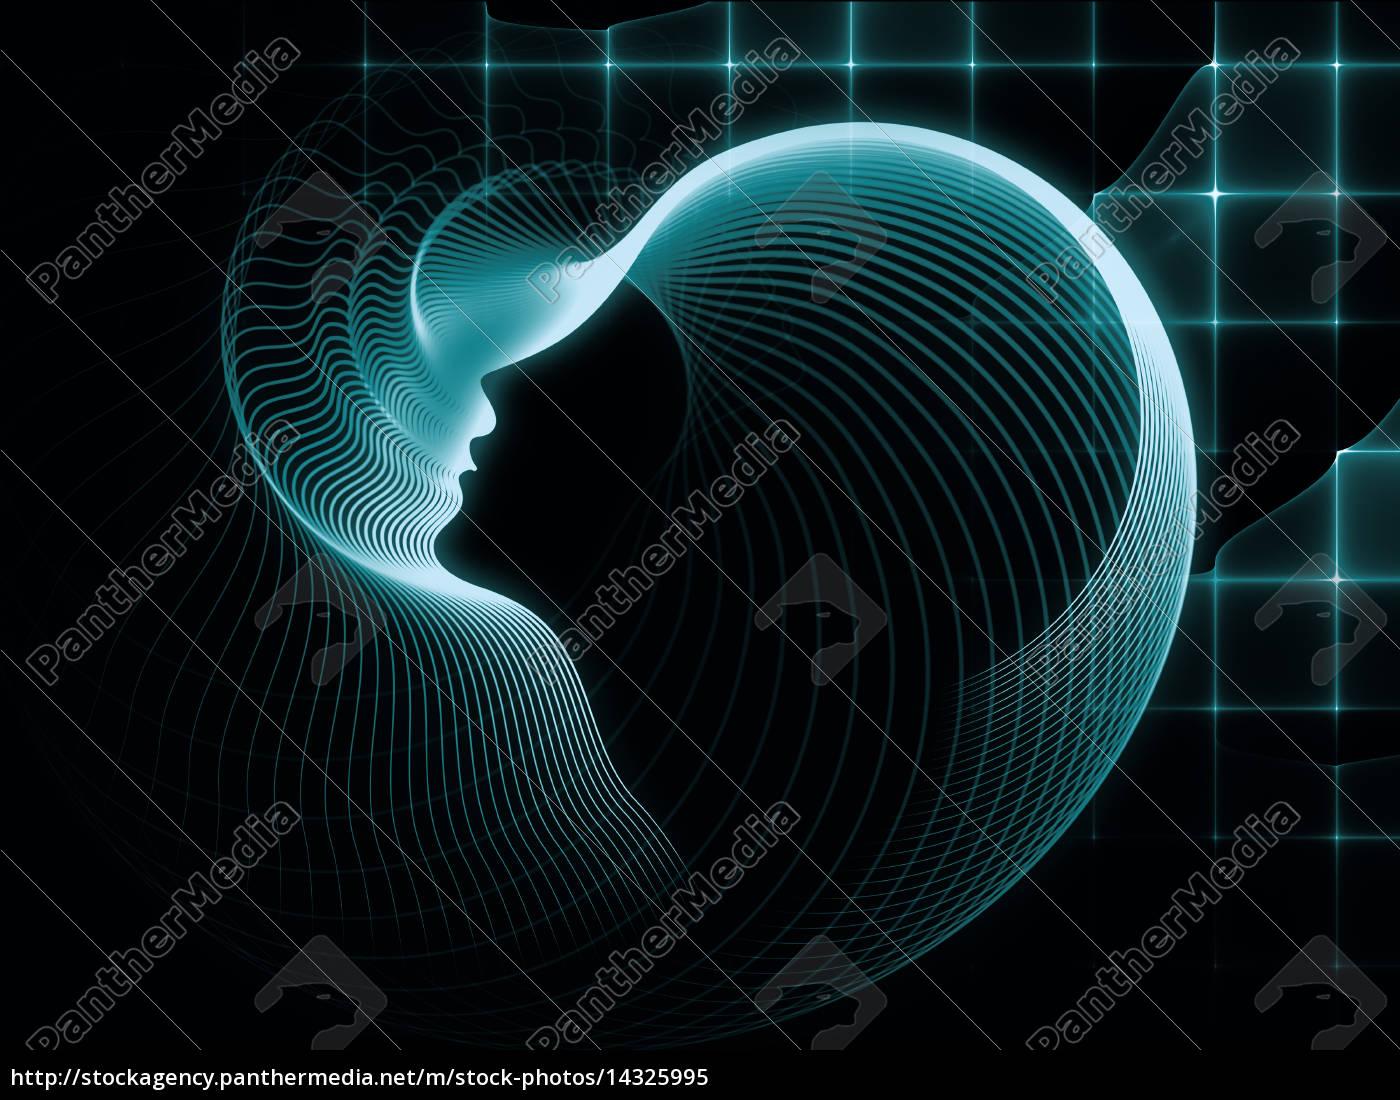 la, continuazione, della, geometria, dell'anima - 14325995